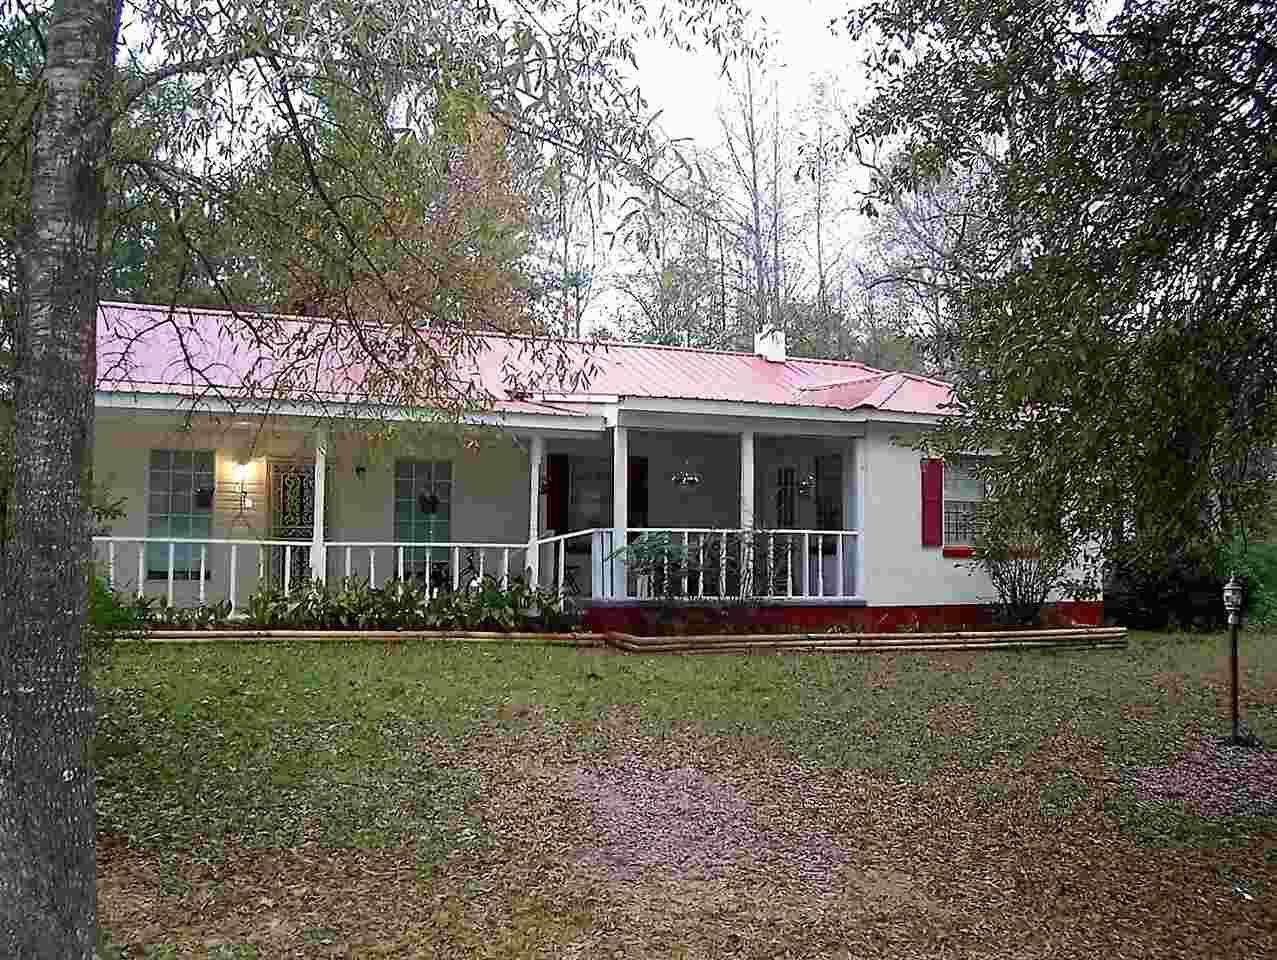 373 S 7th St, Selmer, TN